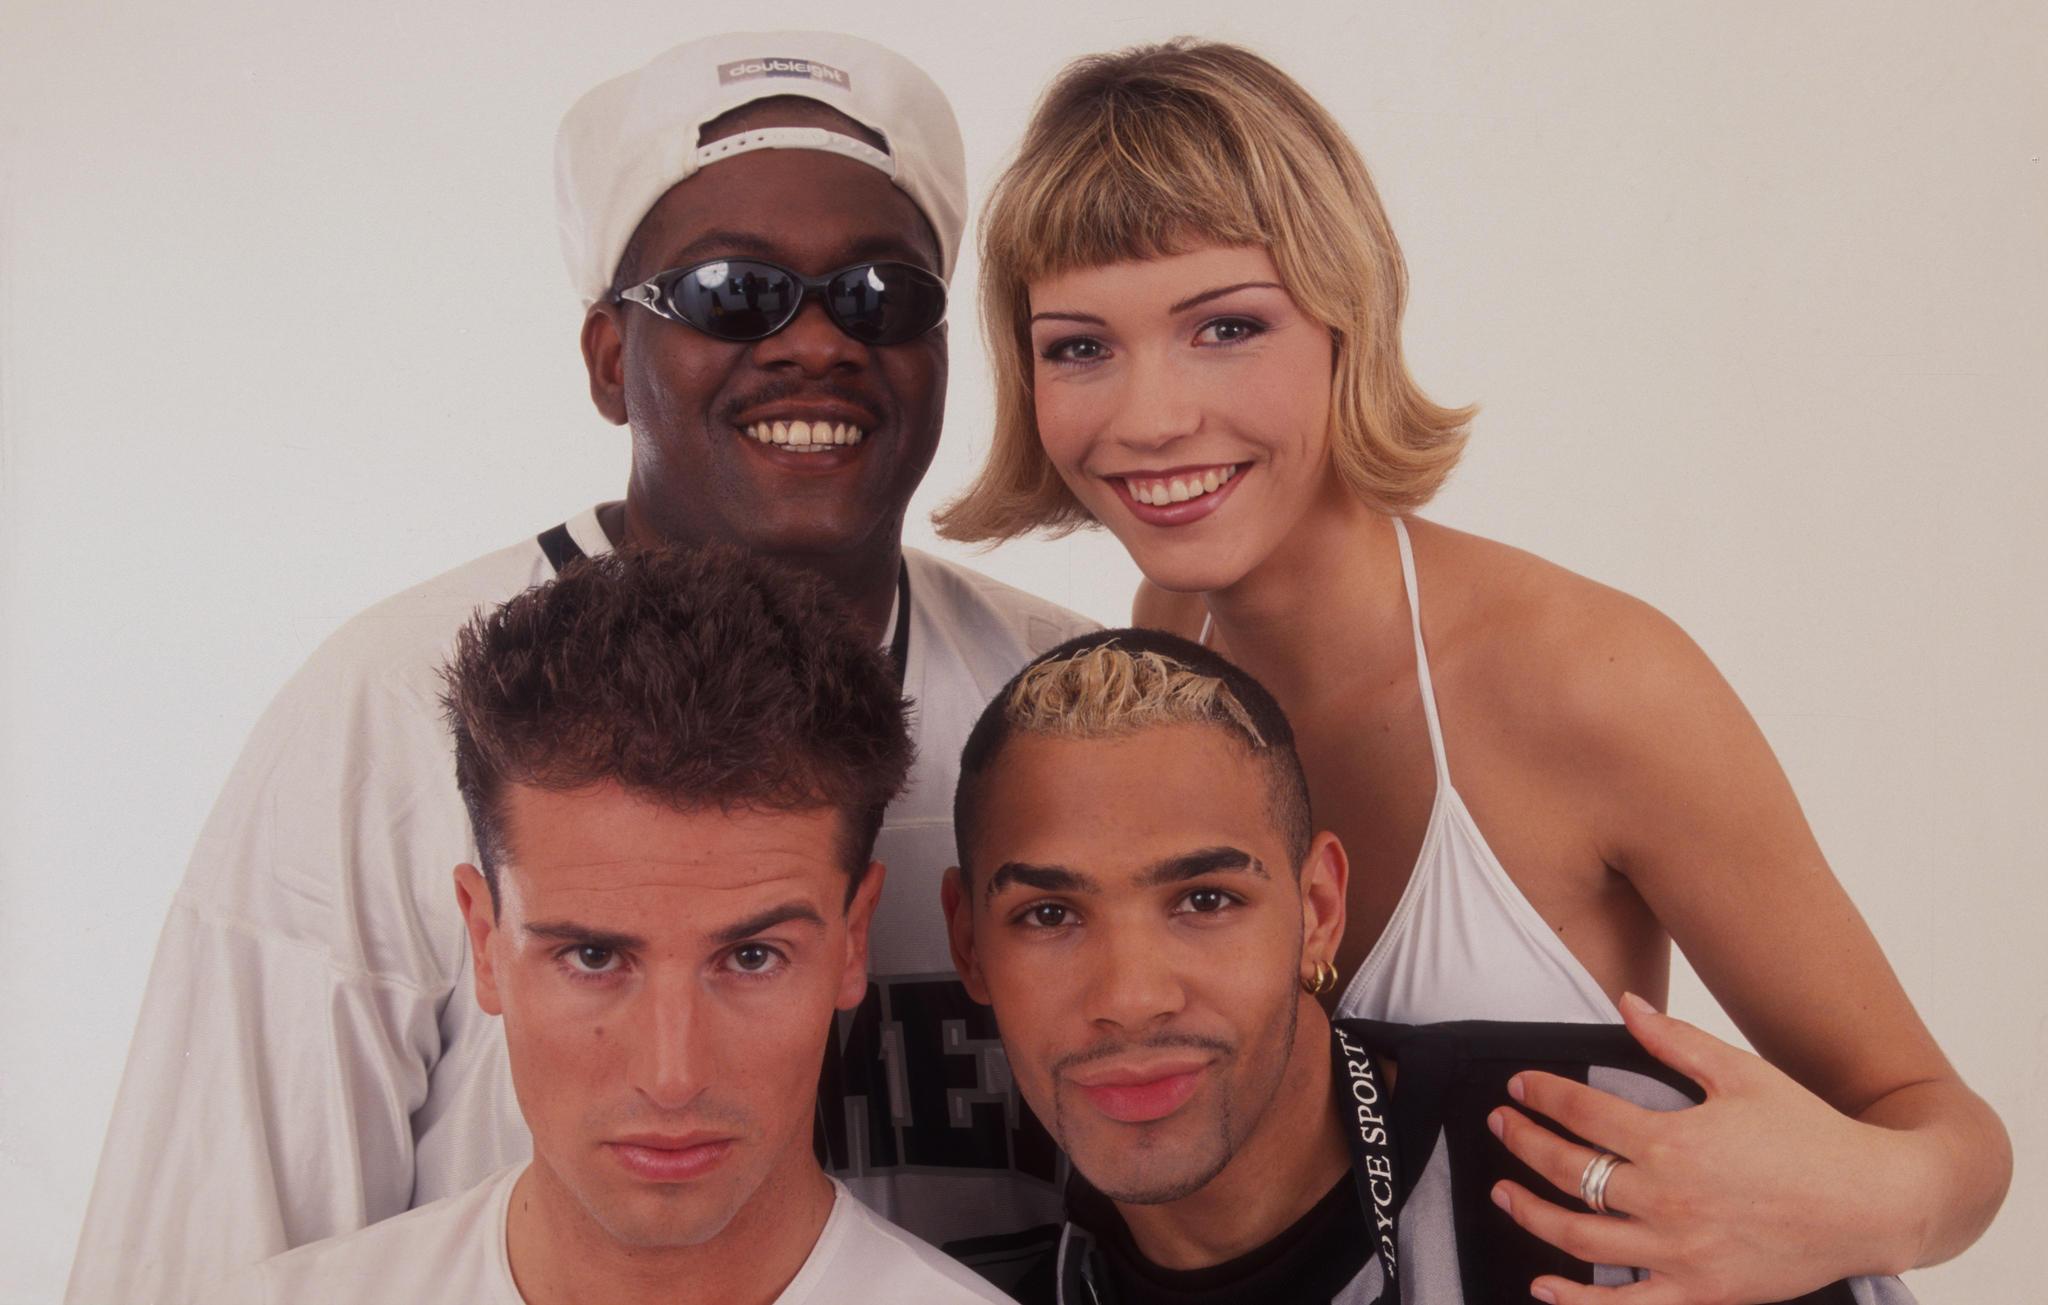 Das Machen Die 90er Jahre Stars Heute S 21 Galade